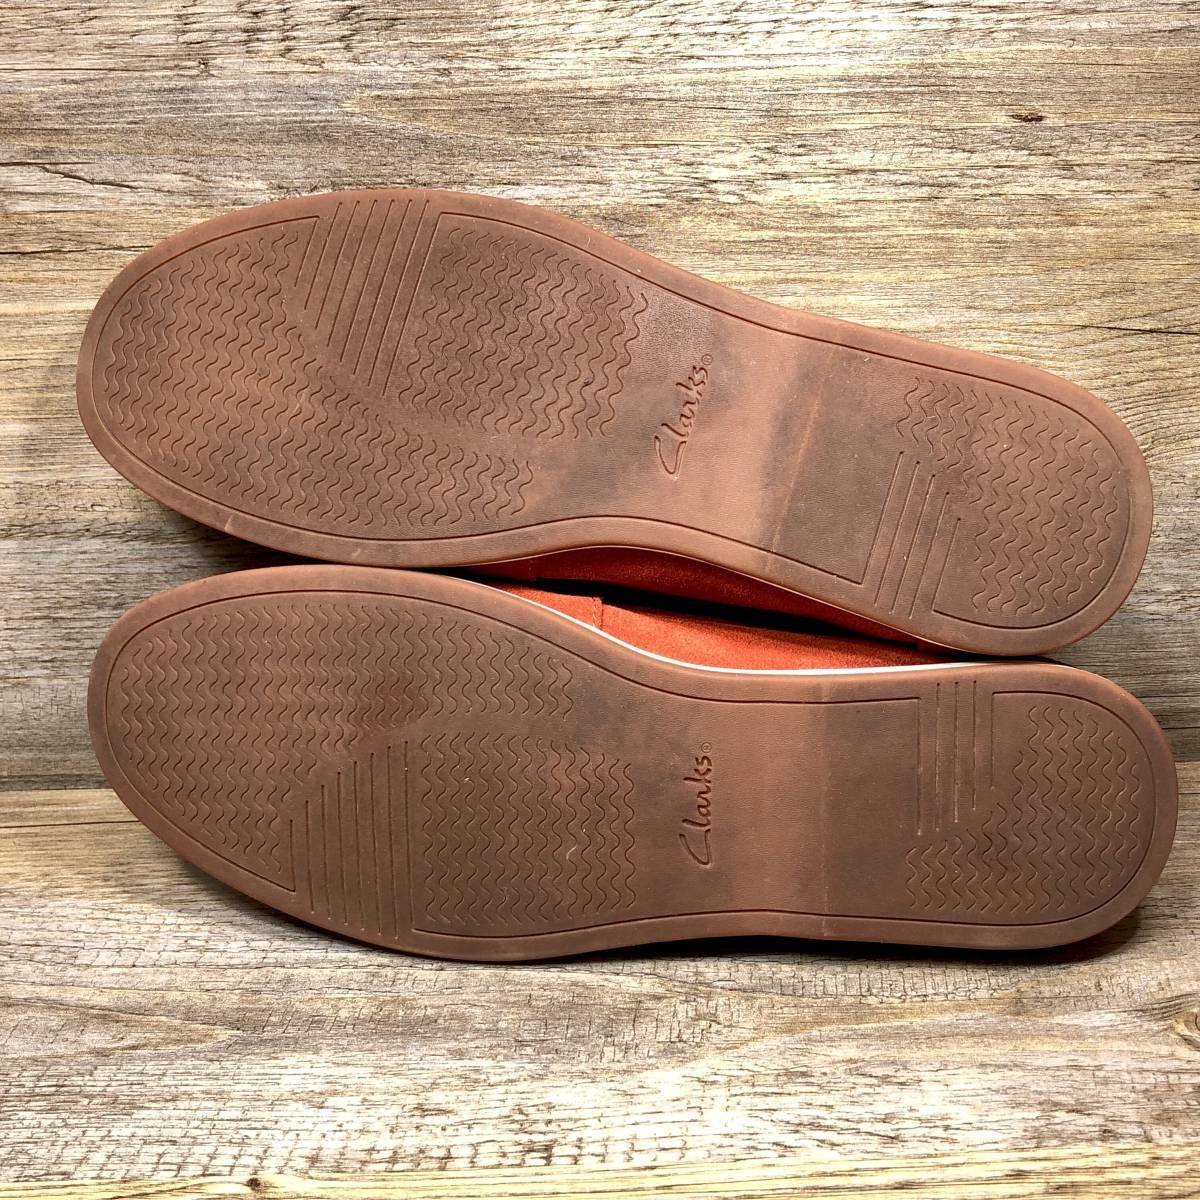 ■Clarks■ 26cm UK7.5 赤 レッド クラークス スリッポン ローファー メンズ 靴 革靴 天然皮革 くつ 中古 宅急便 即決_画像6